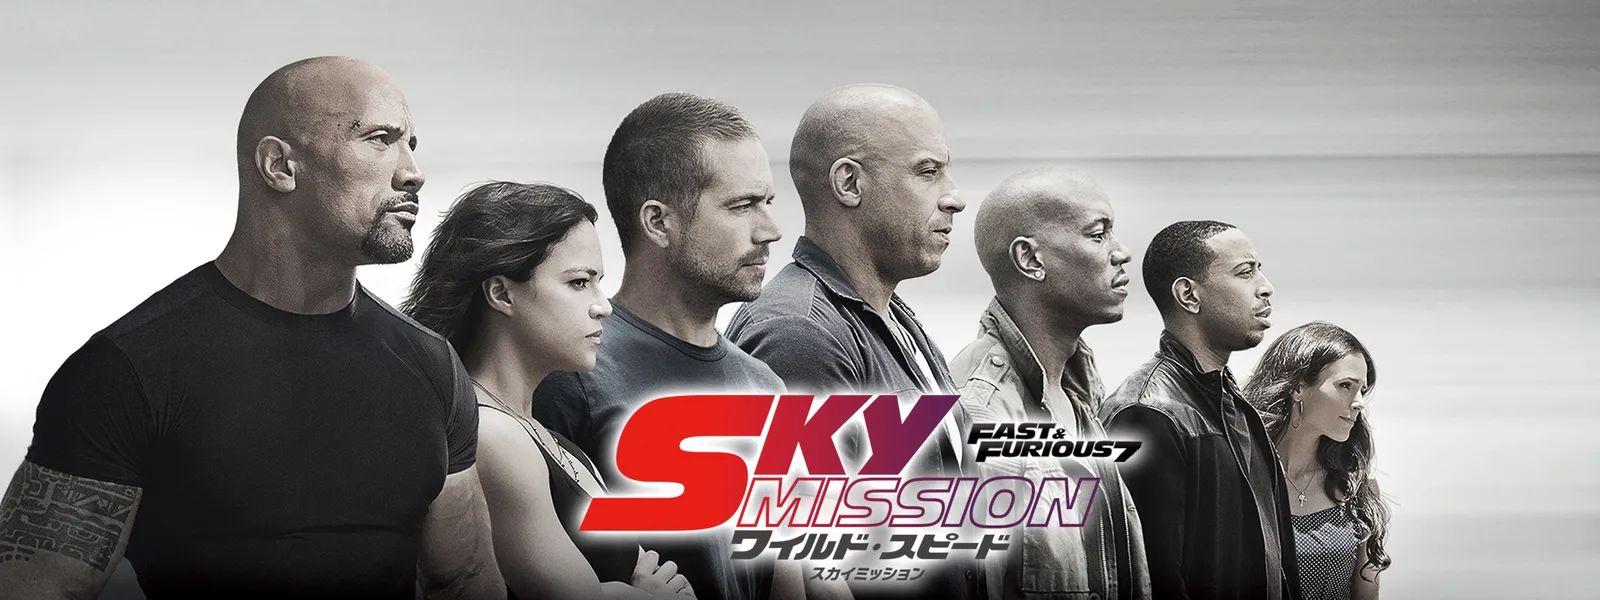 ワイルドスピード SKY MISSION 土曜プレミアム 2020年4月25日タイトル